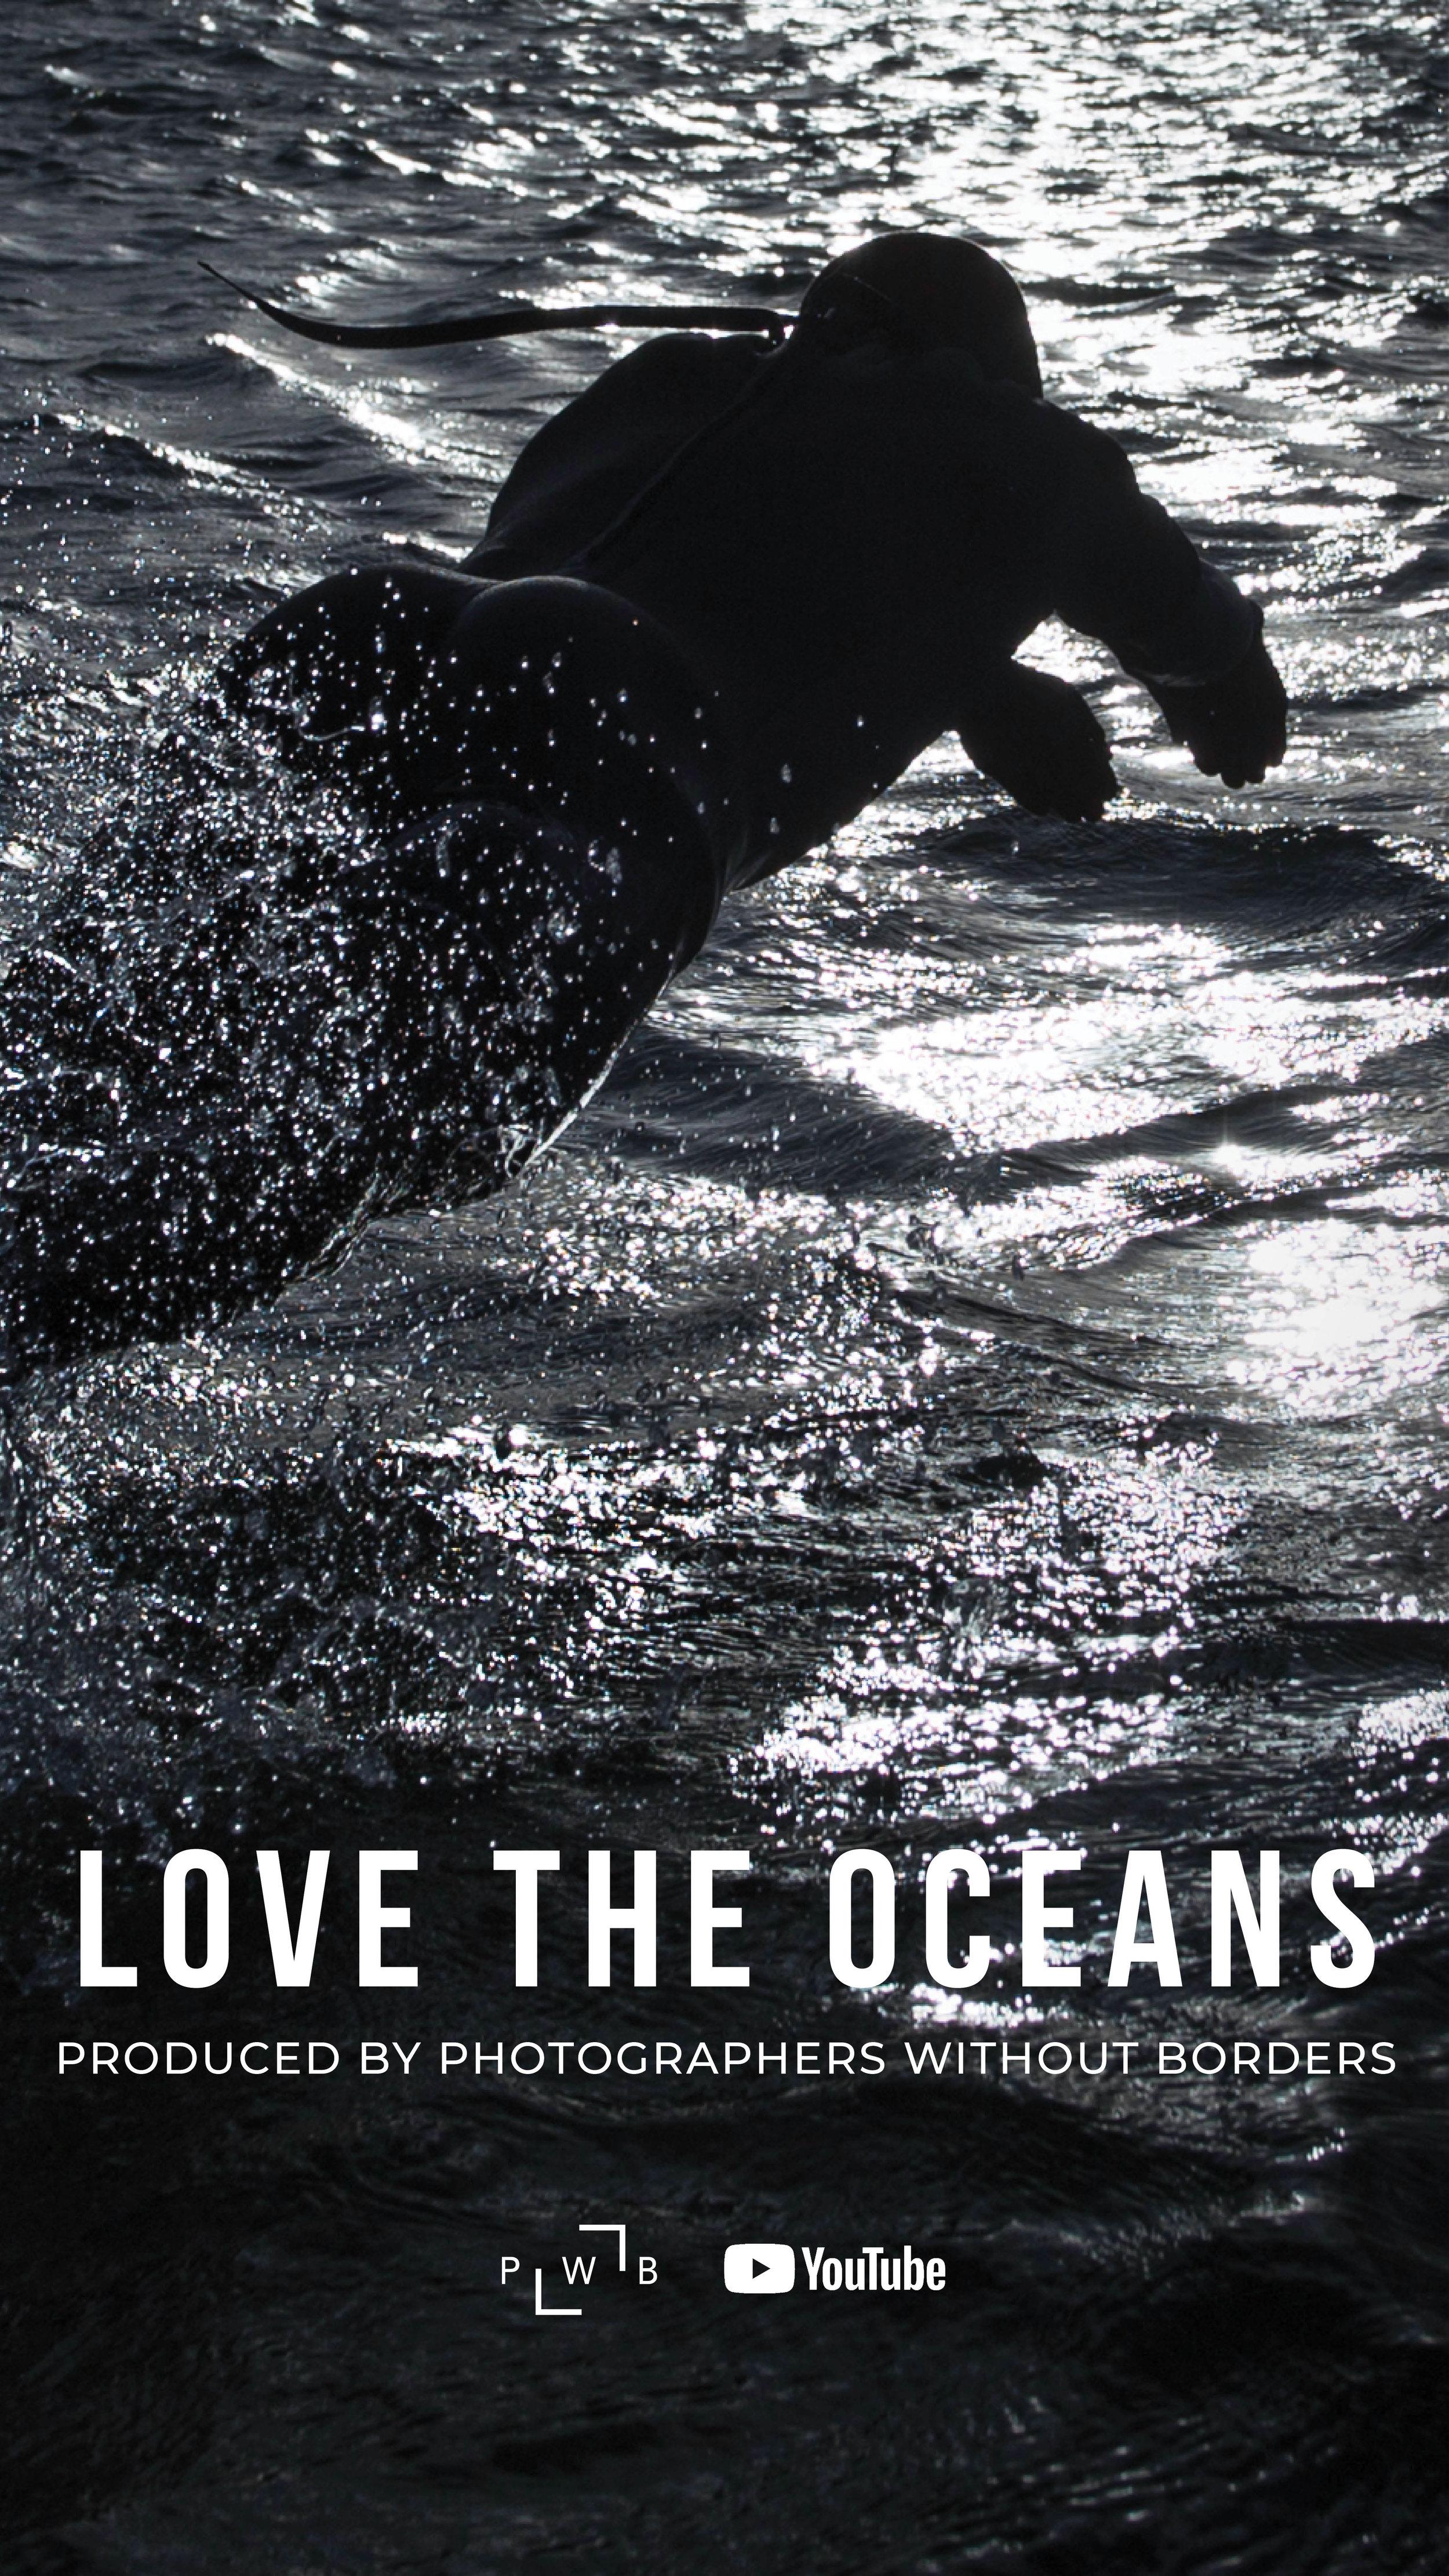 PWBSeries_Love the Oceans_Story2.jpg